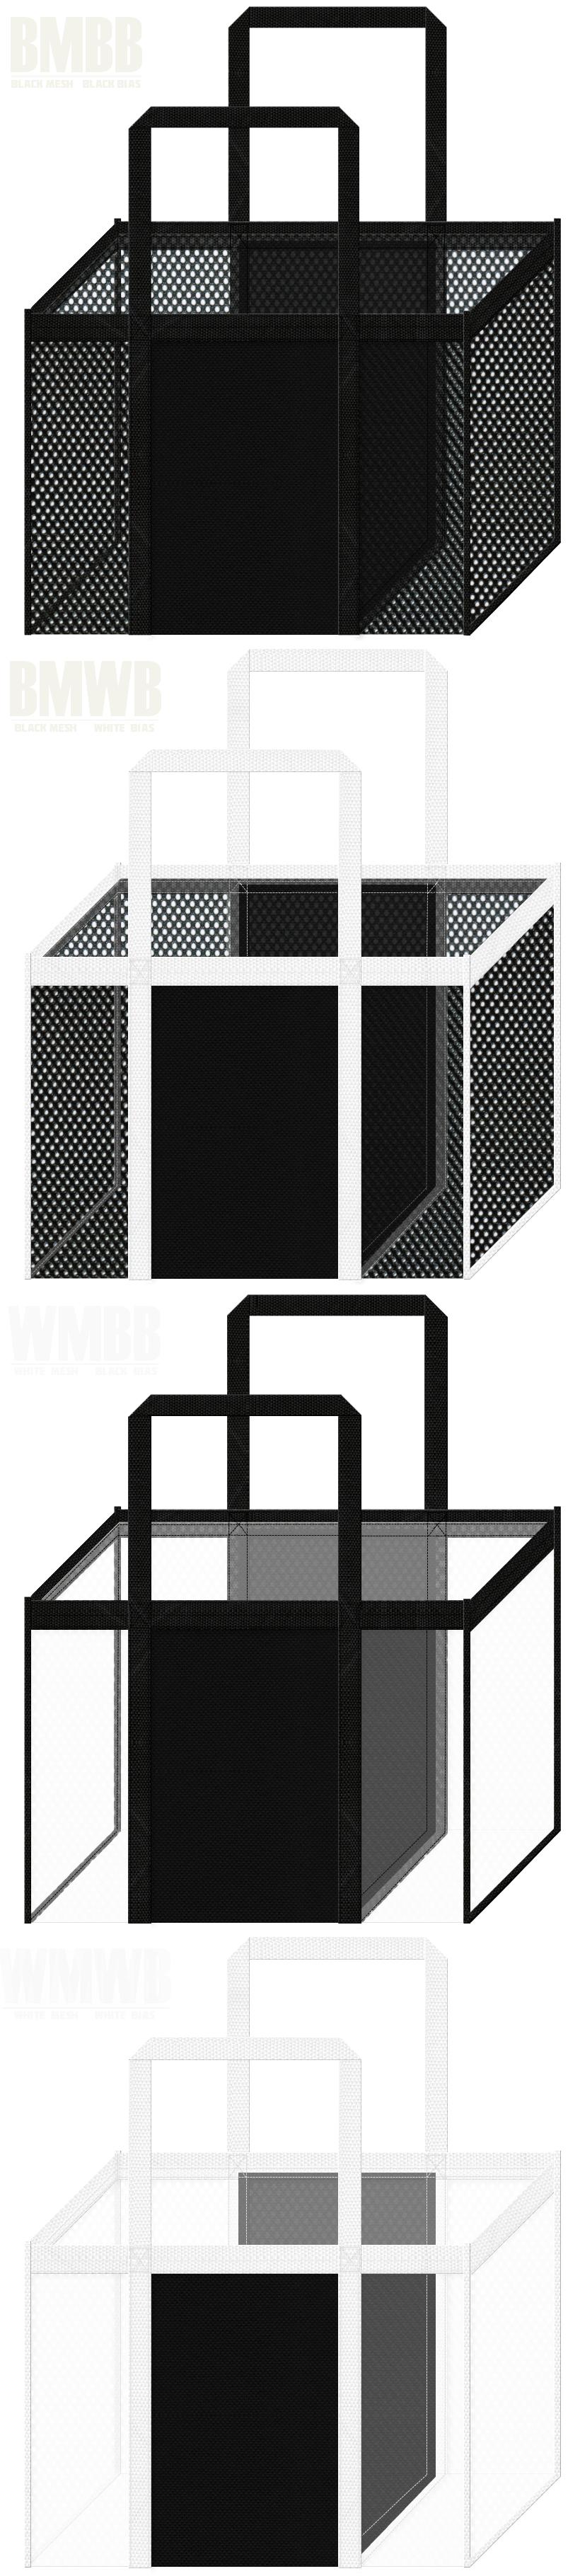 角型メッシュバッグのカラーシミュレーション:黒色・白色メッシュと黒色不織布の組み合わせ